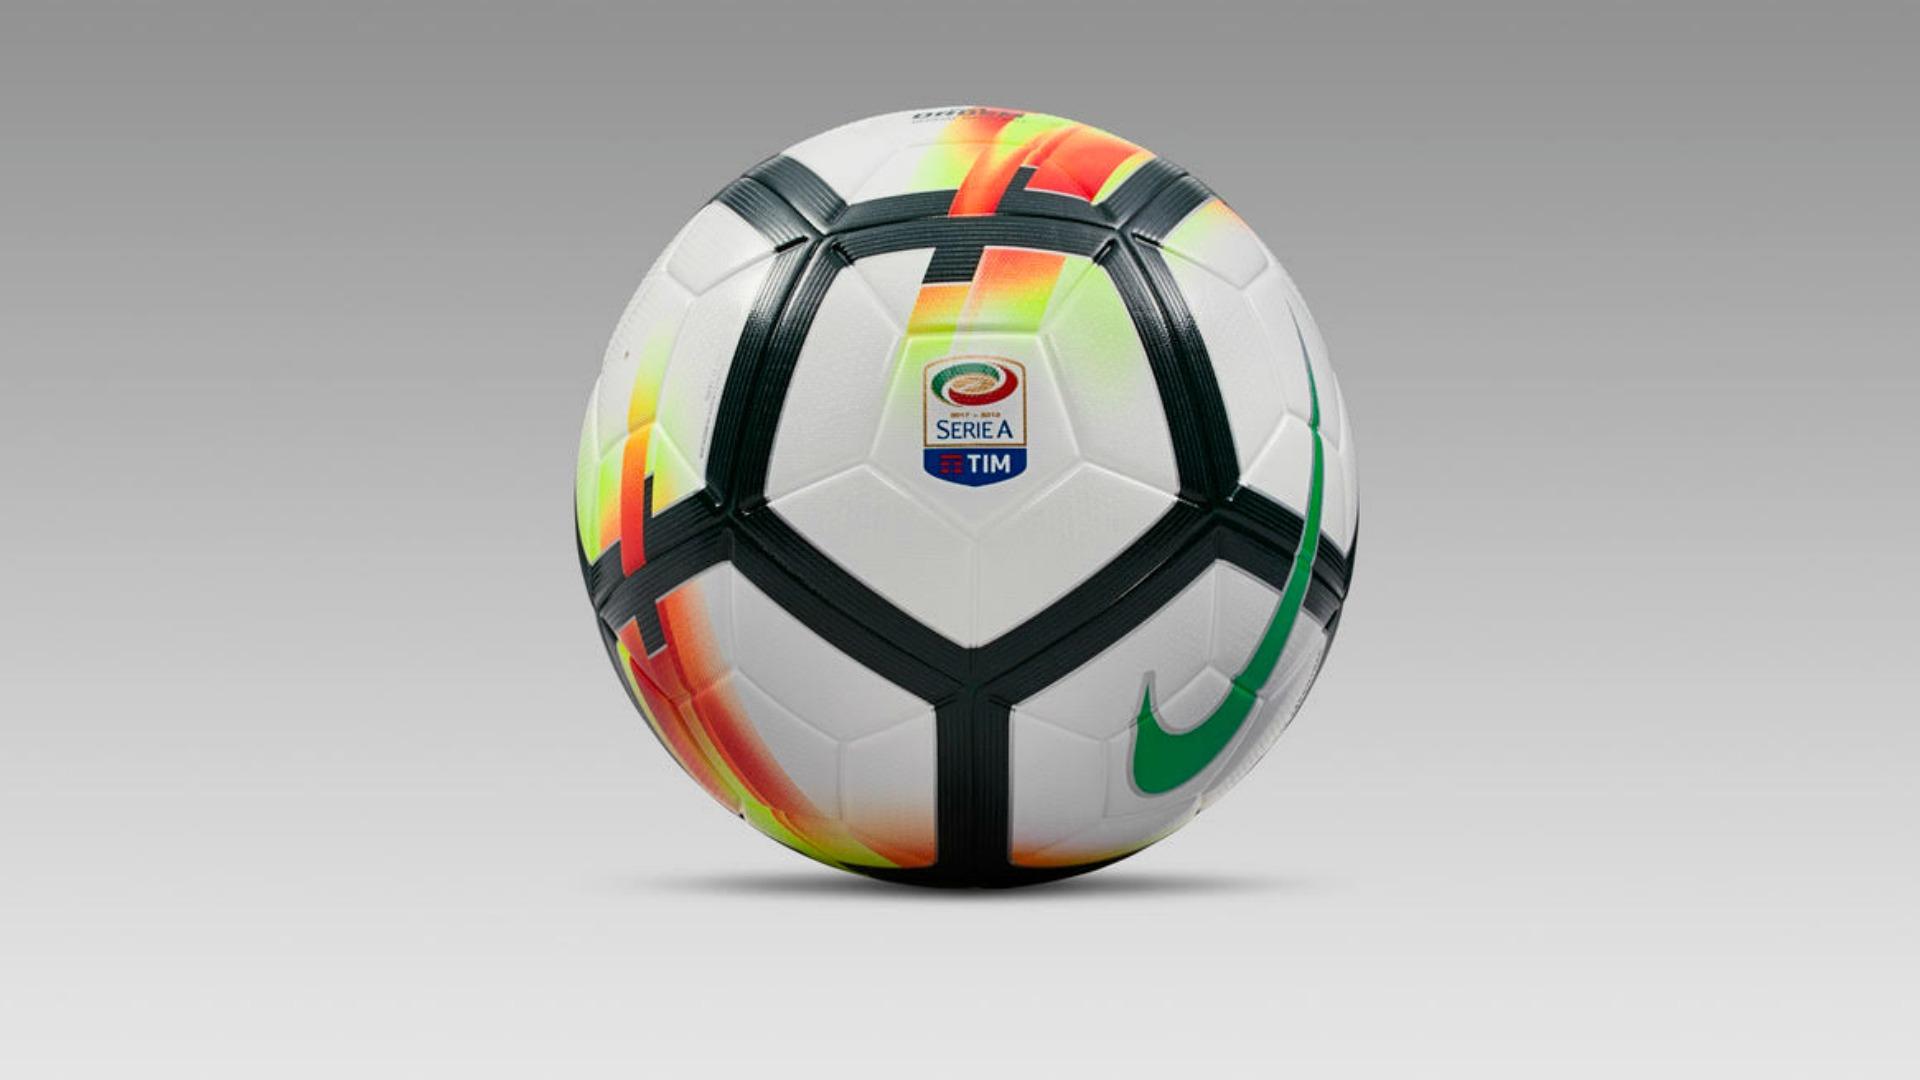 Ecco il nuovo pallone della prossima Serie A